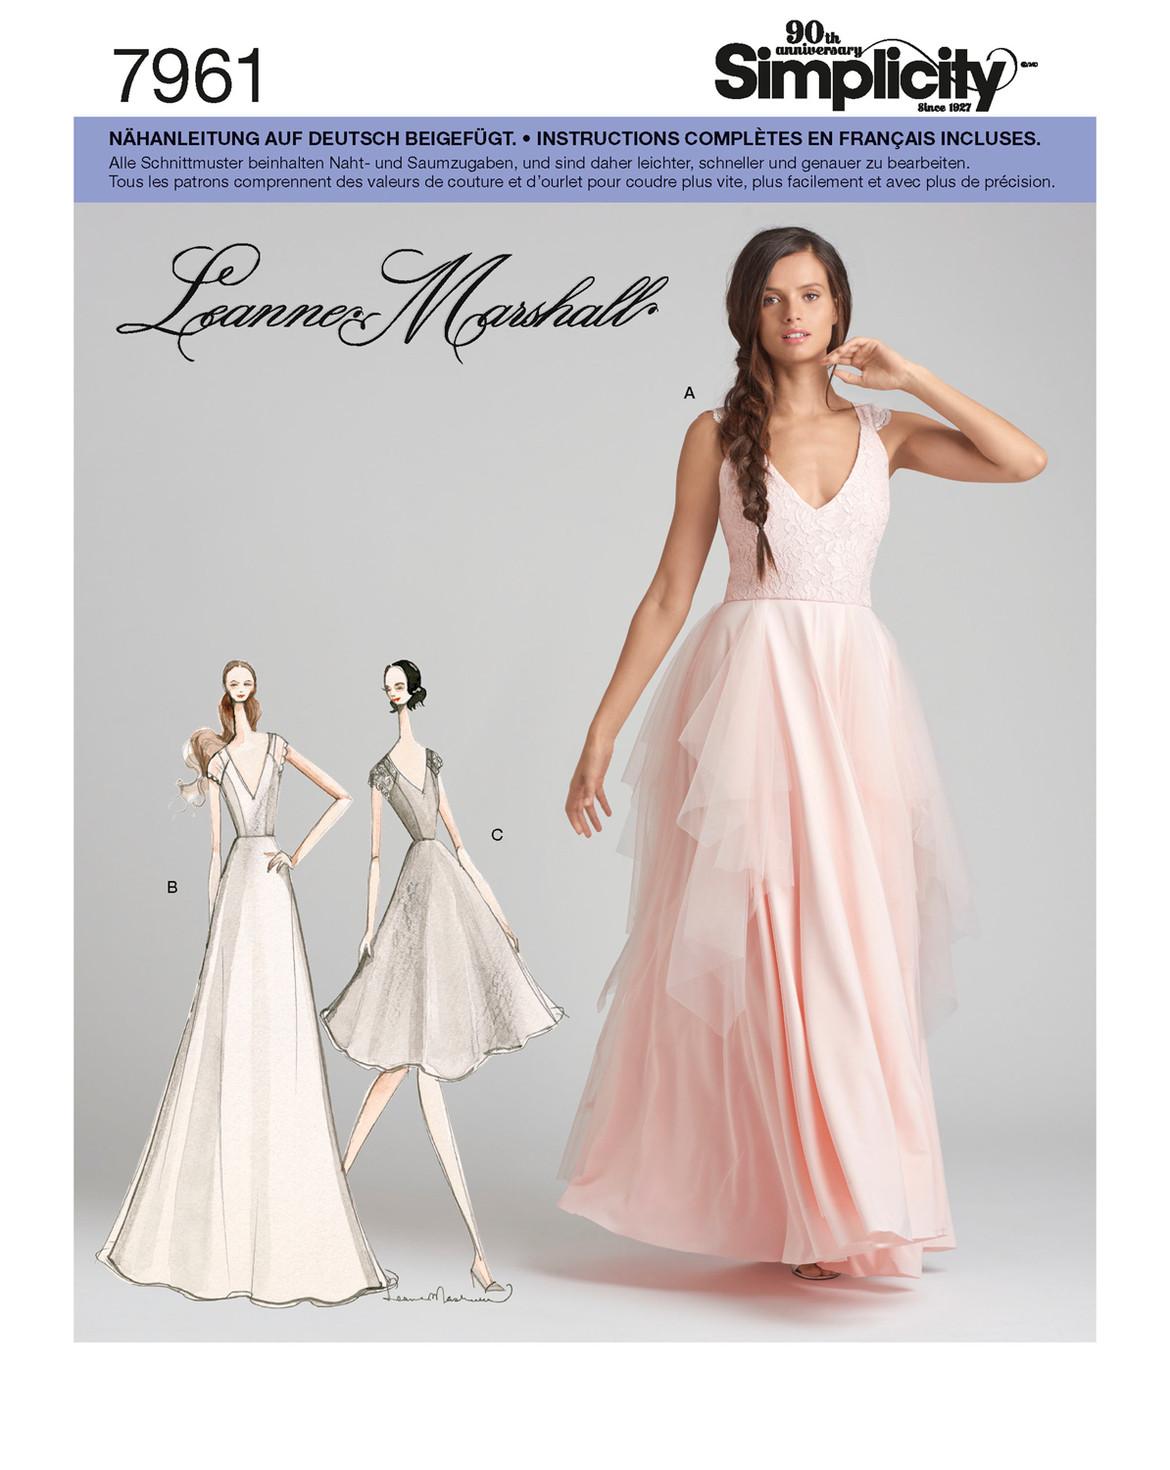 Festliche Babykleider Für Hochzeit  Festliche Kleider 7961 D5 Schnittmuster